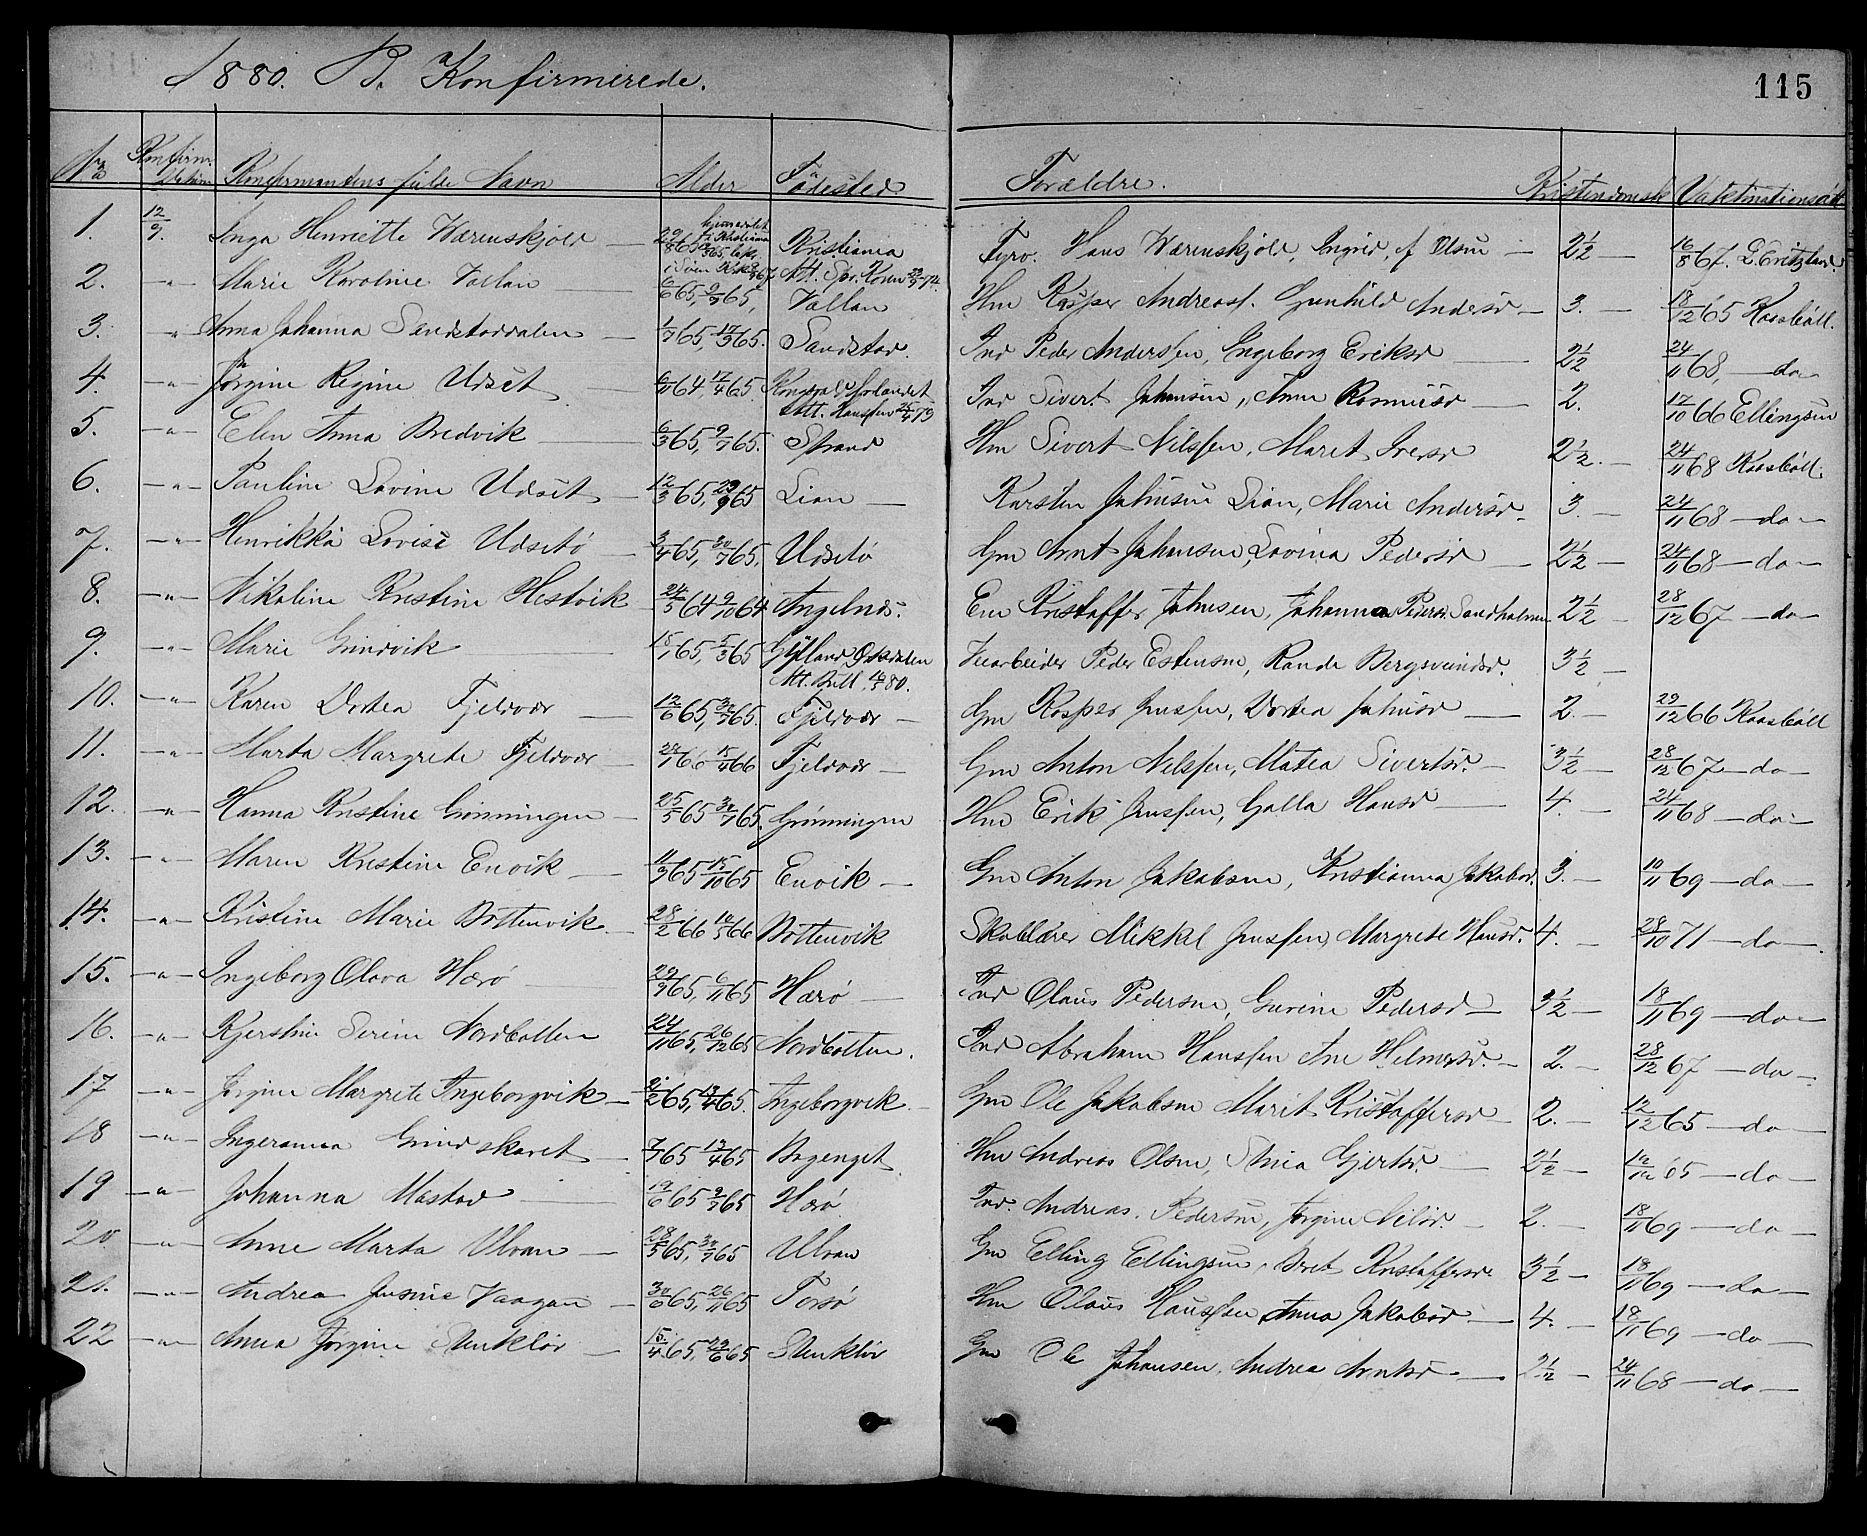 SAT, Ministerialprotokoller, klokkerbøker og fødselsregistre - Sør-Trøndelag, 637/L0561: Klokkerbok nr. 637C02, 1873-1882, s. 115